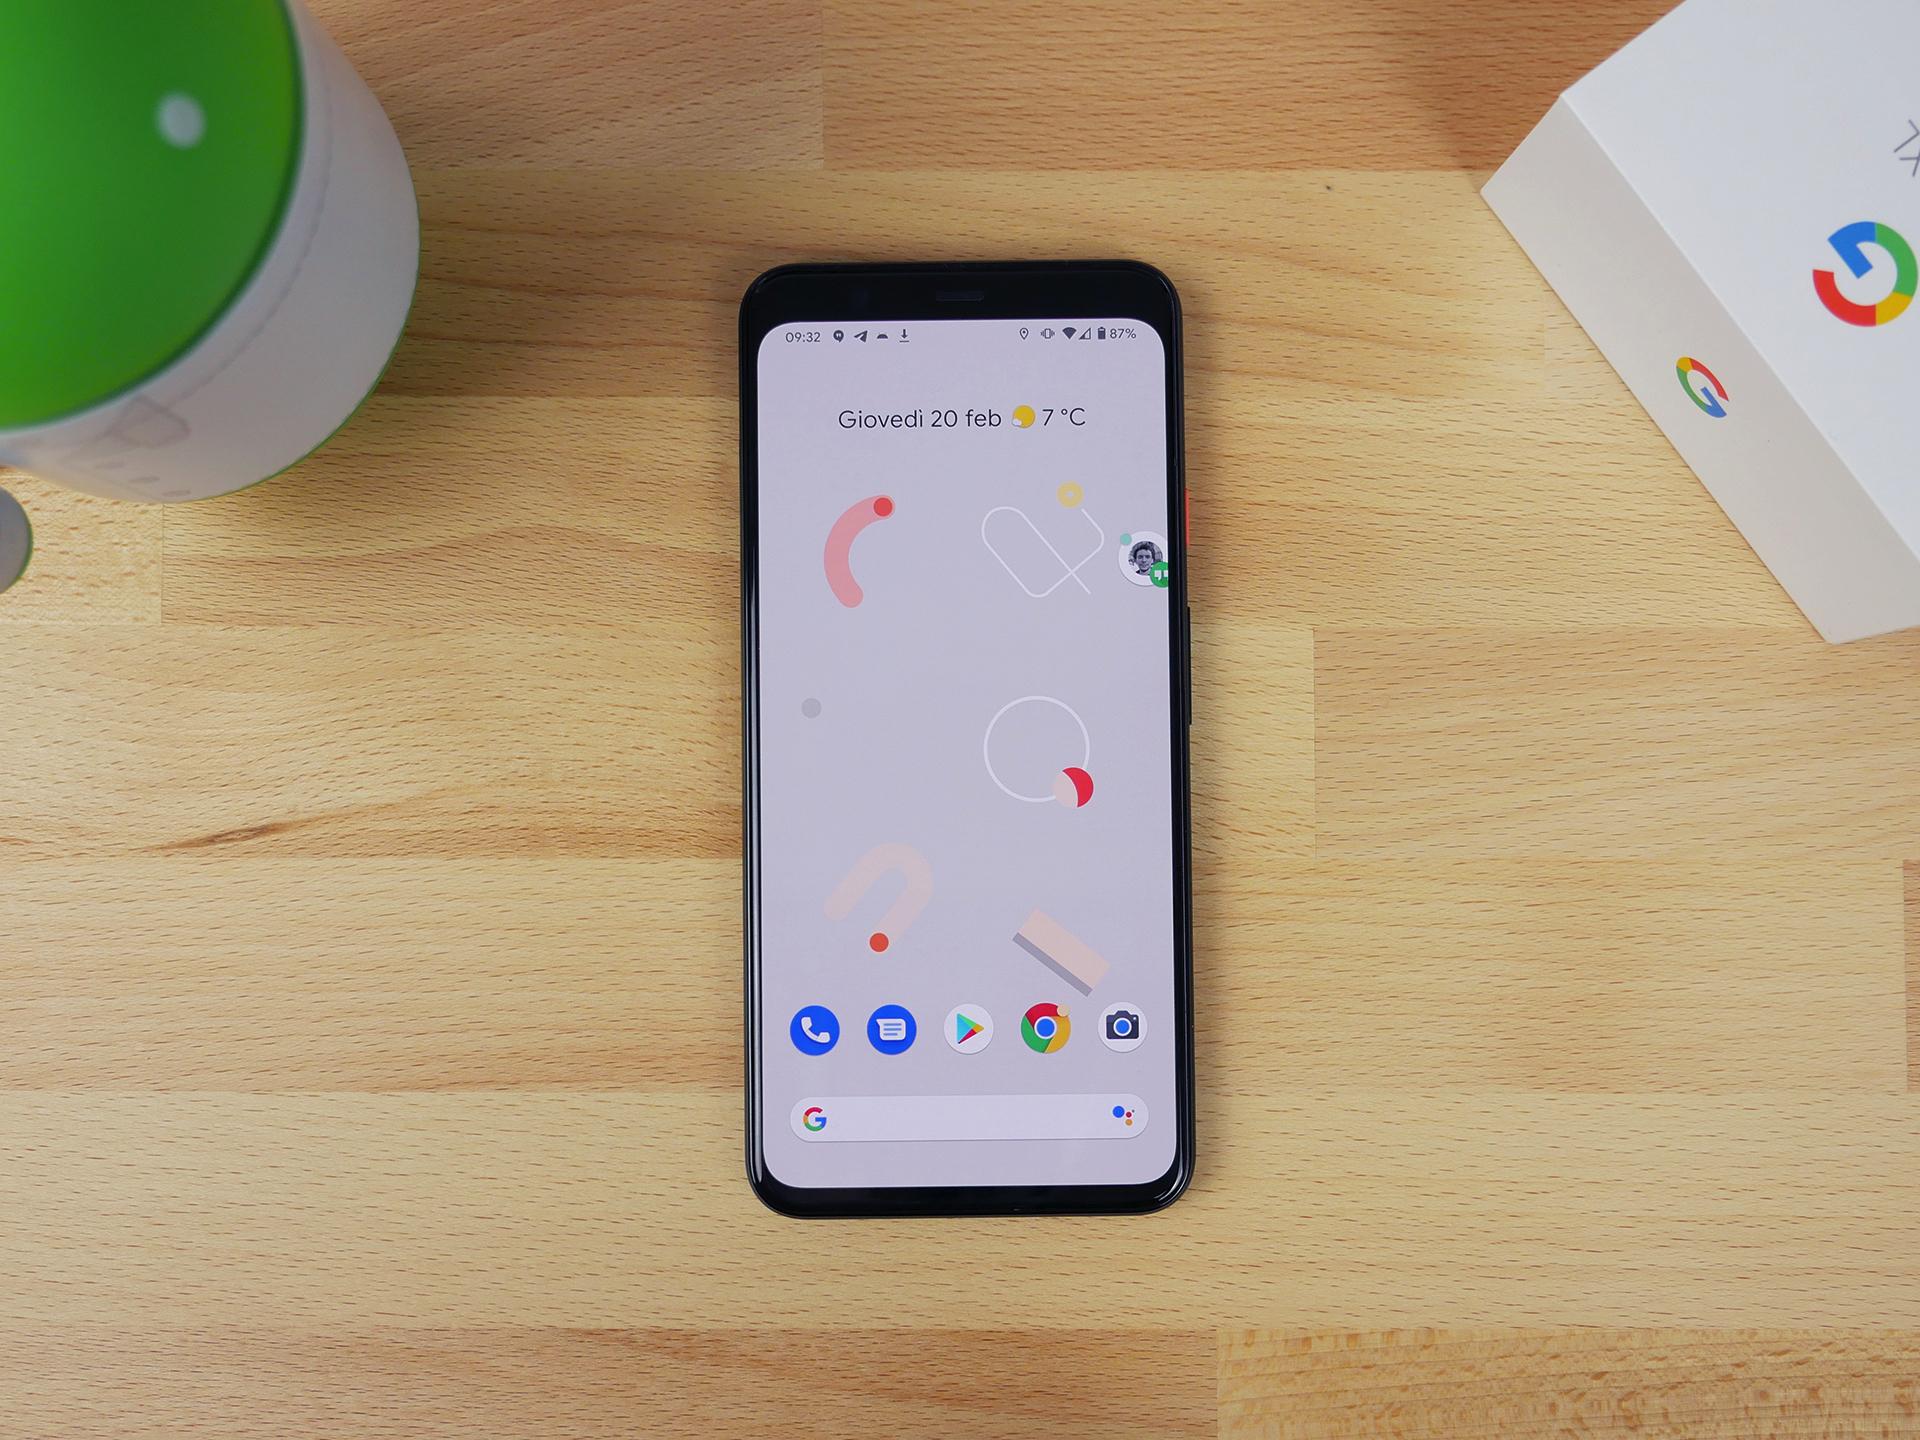 Dove acquistare Google Pixel 4 e Pixel 4 XL al posto di Google Pixel 5 e 4a 5G